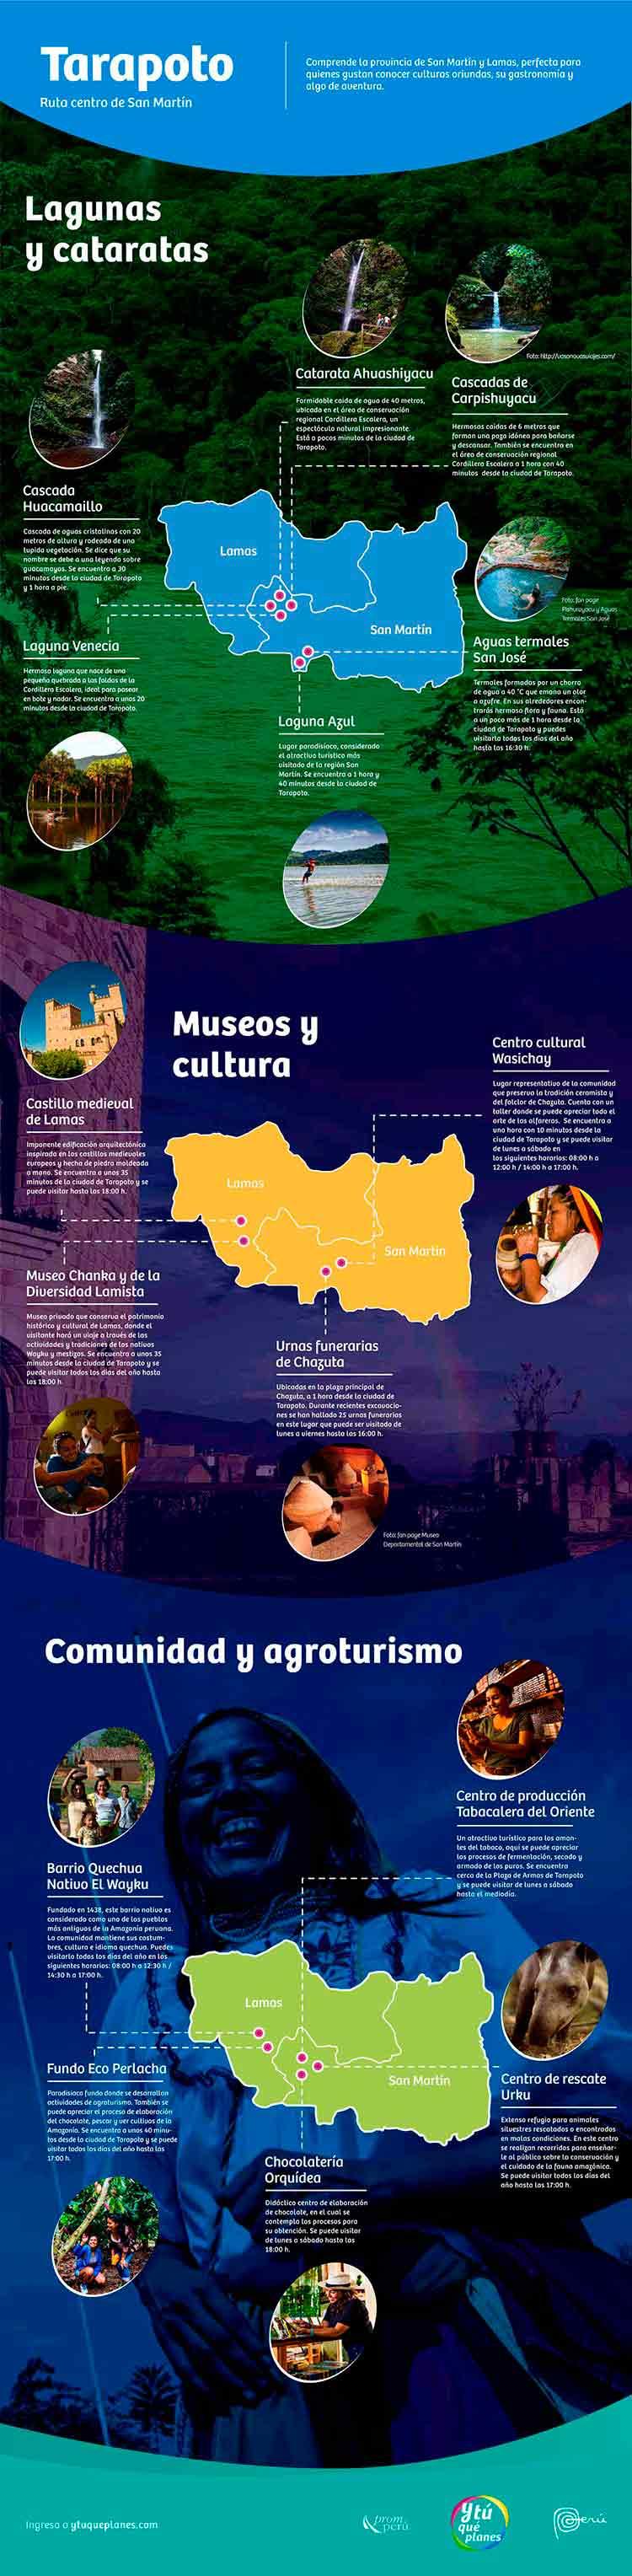 Tarapoto, cultura y experiencias increíbles